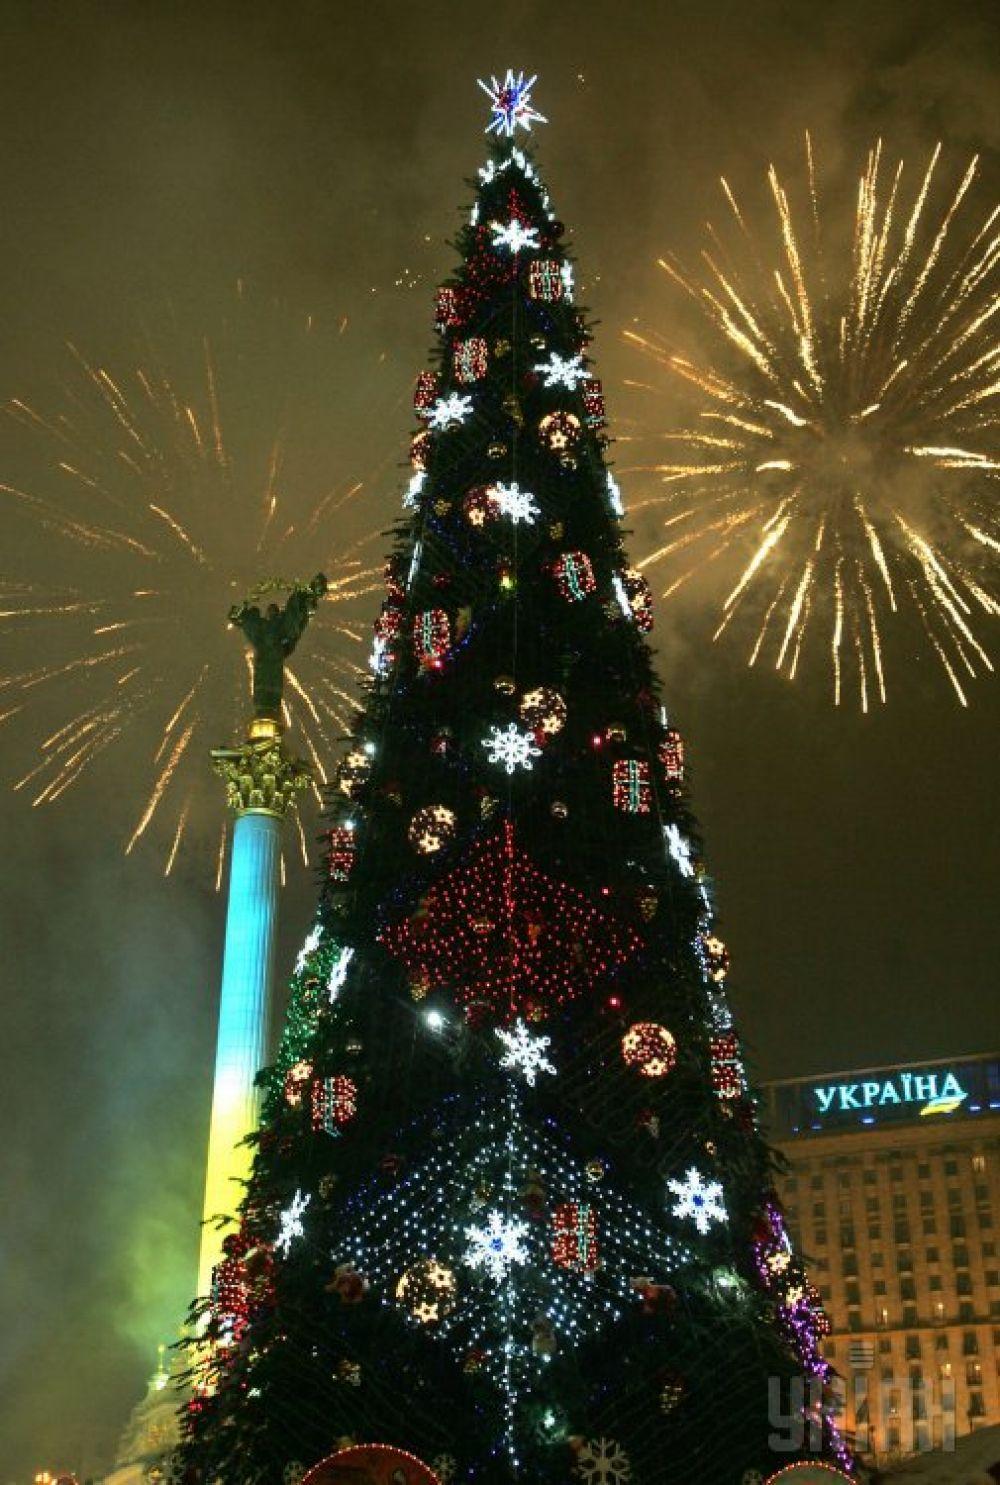 А с такой главной новогодней елкой праздновали Новый 2009 год.